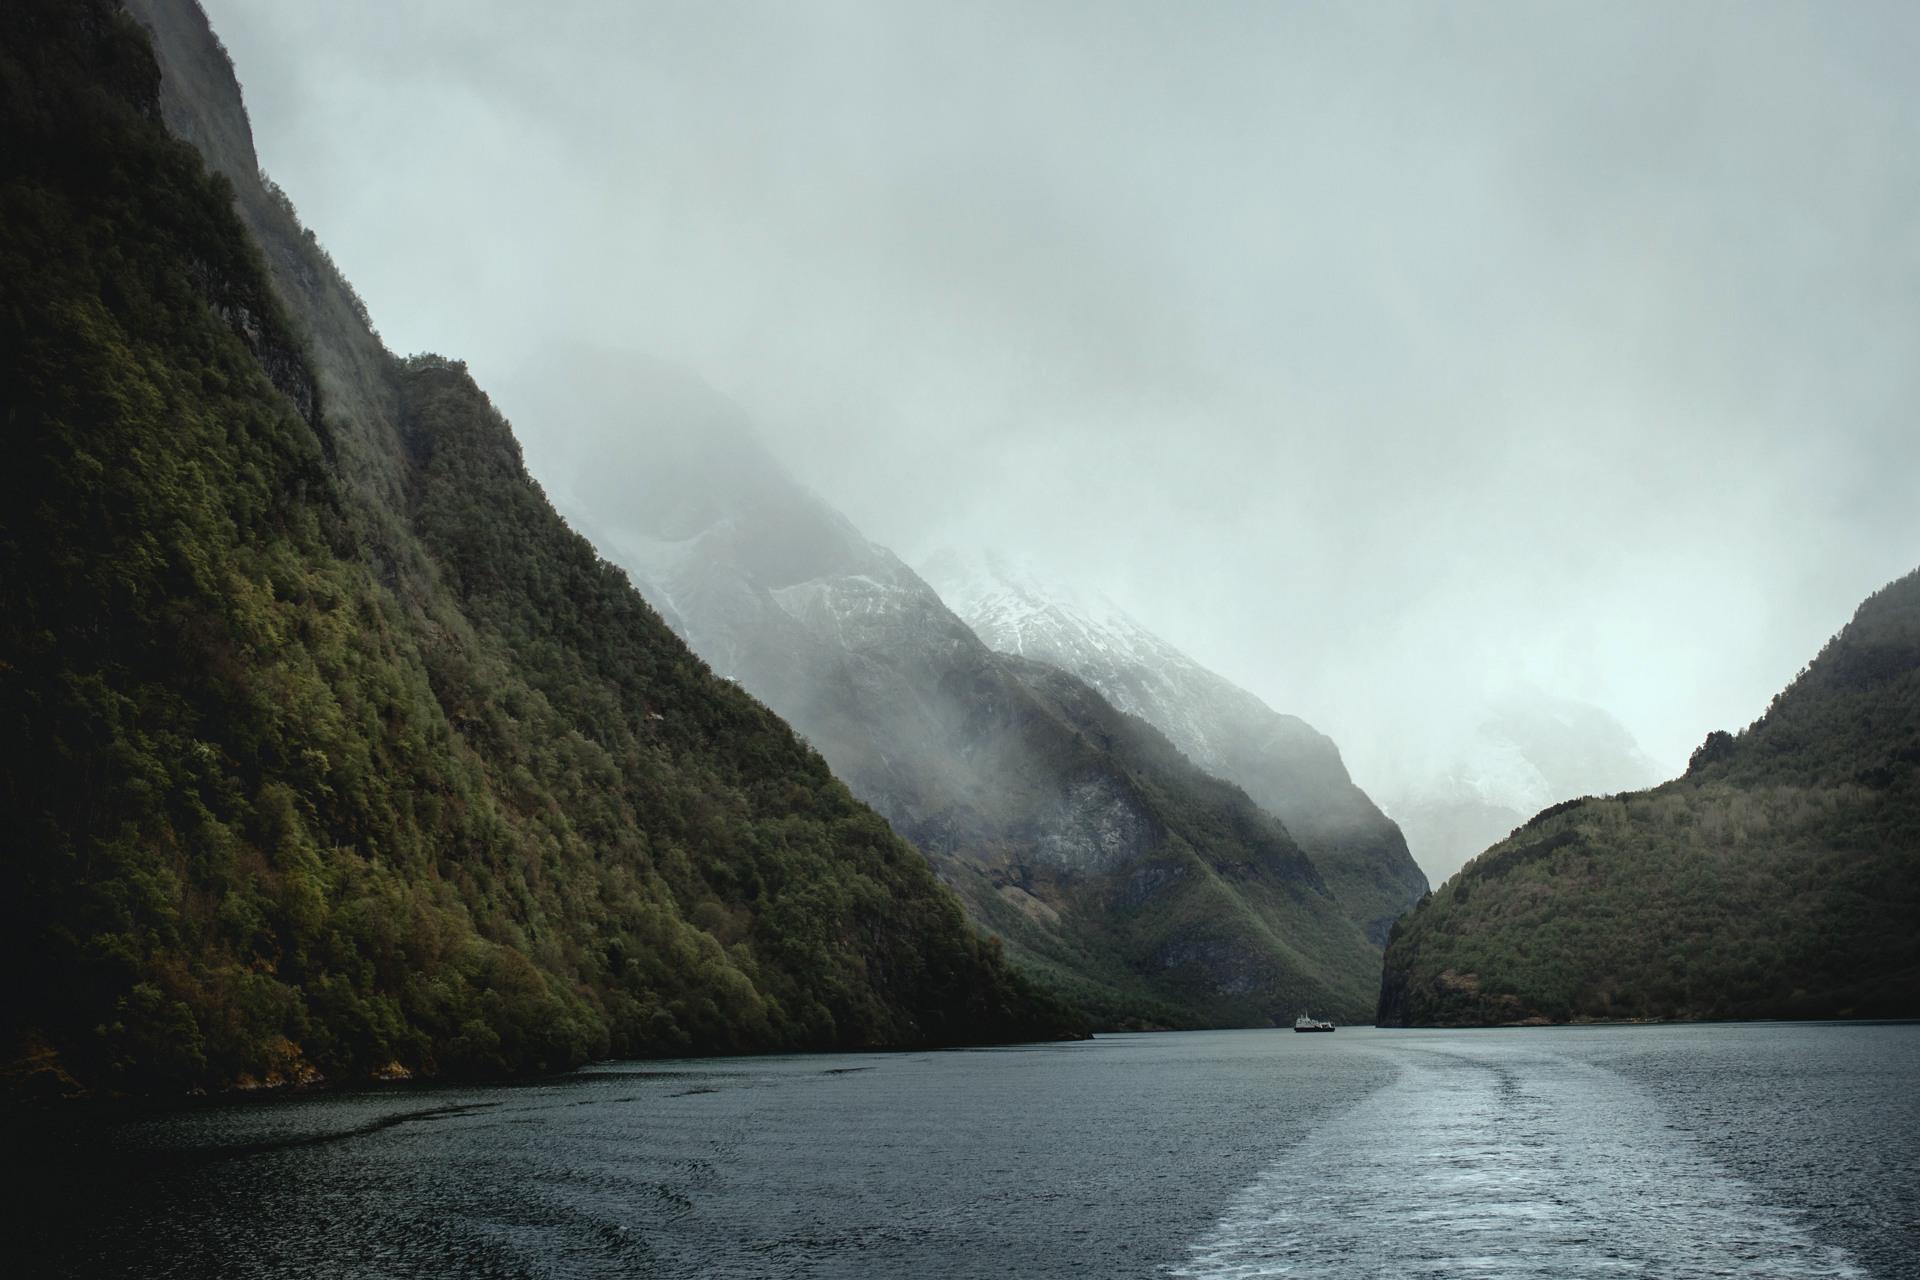 Sognefjord, Norwegia, Gudvangen, Naroyfjord, Bakka